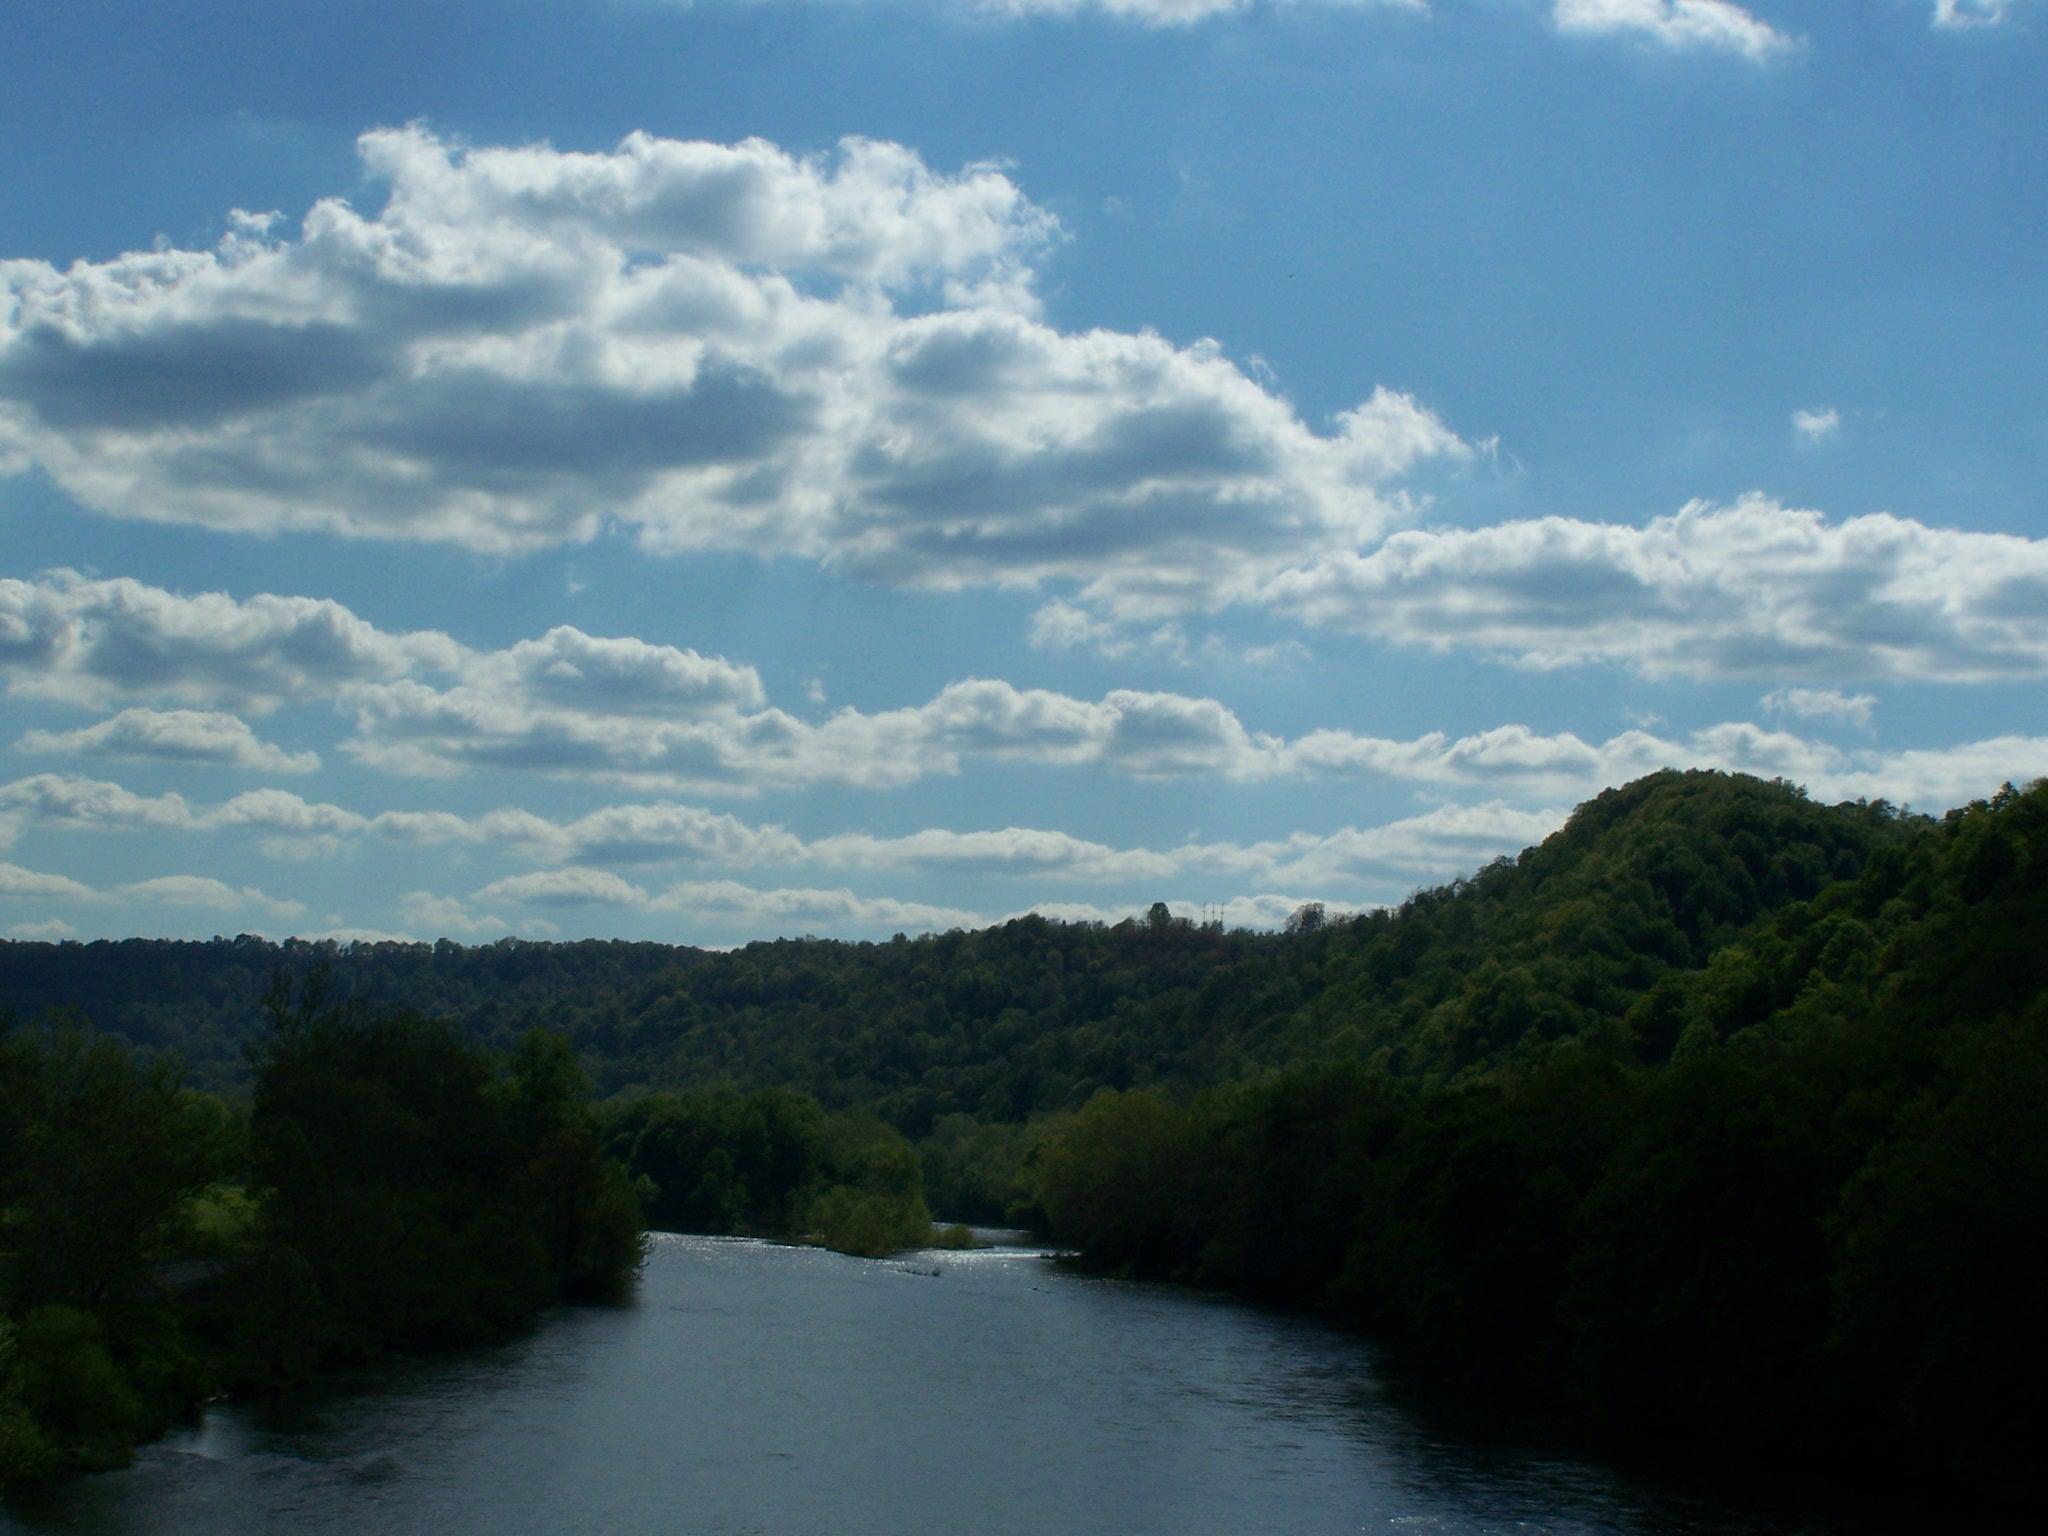 Albright, West Virginia.